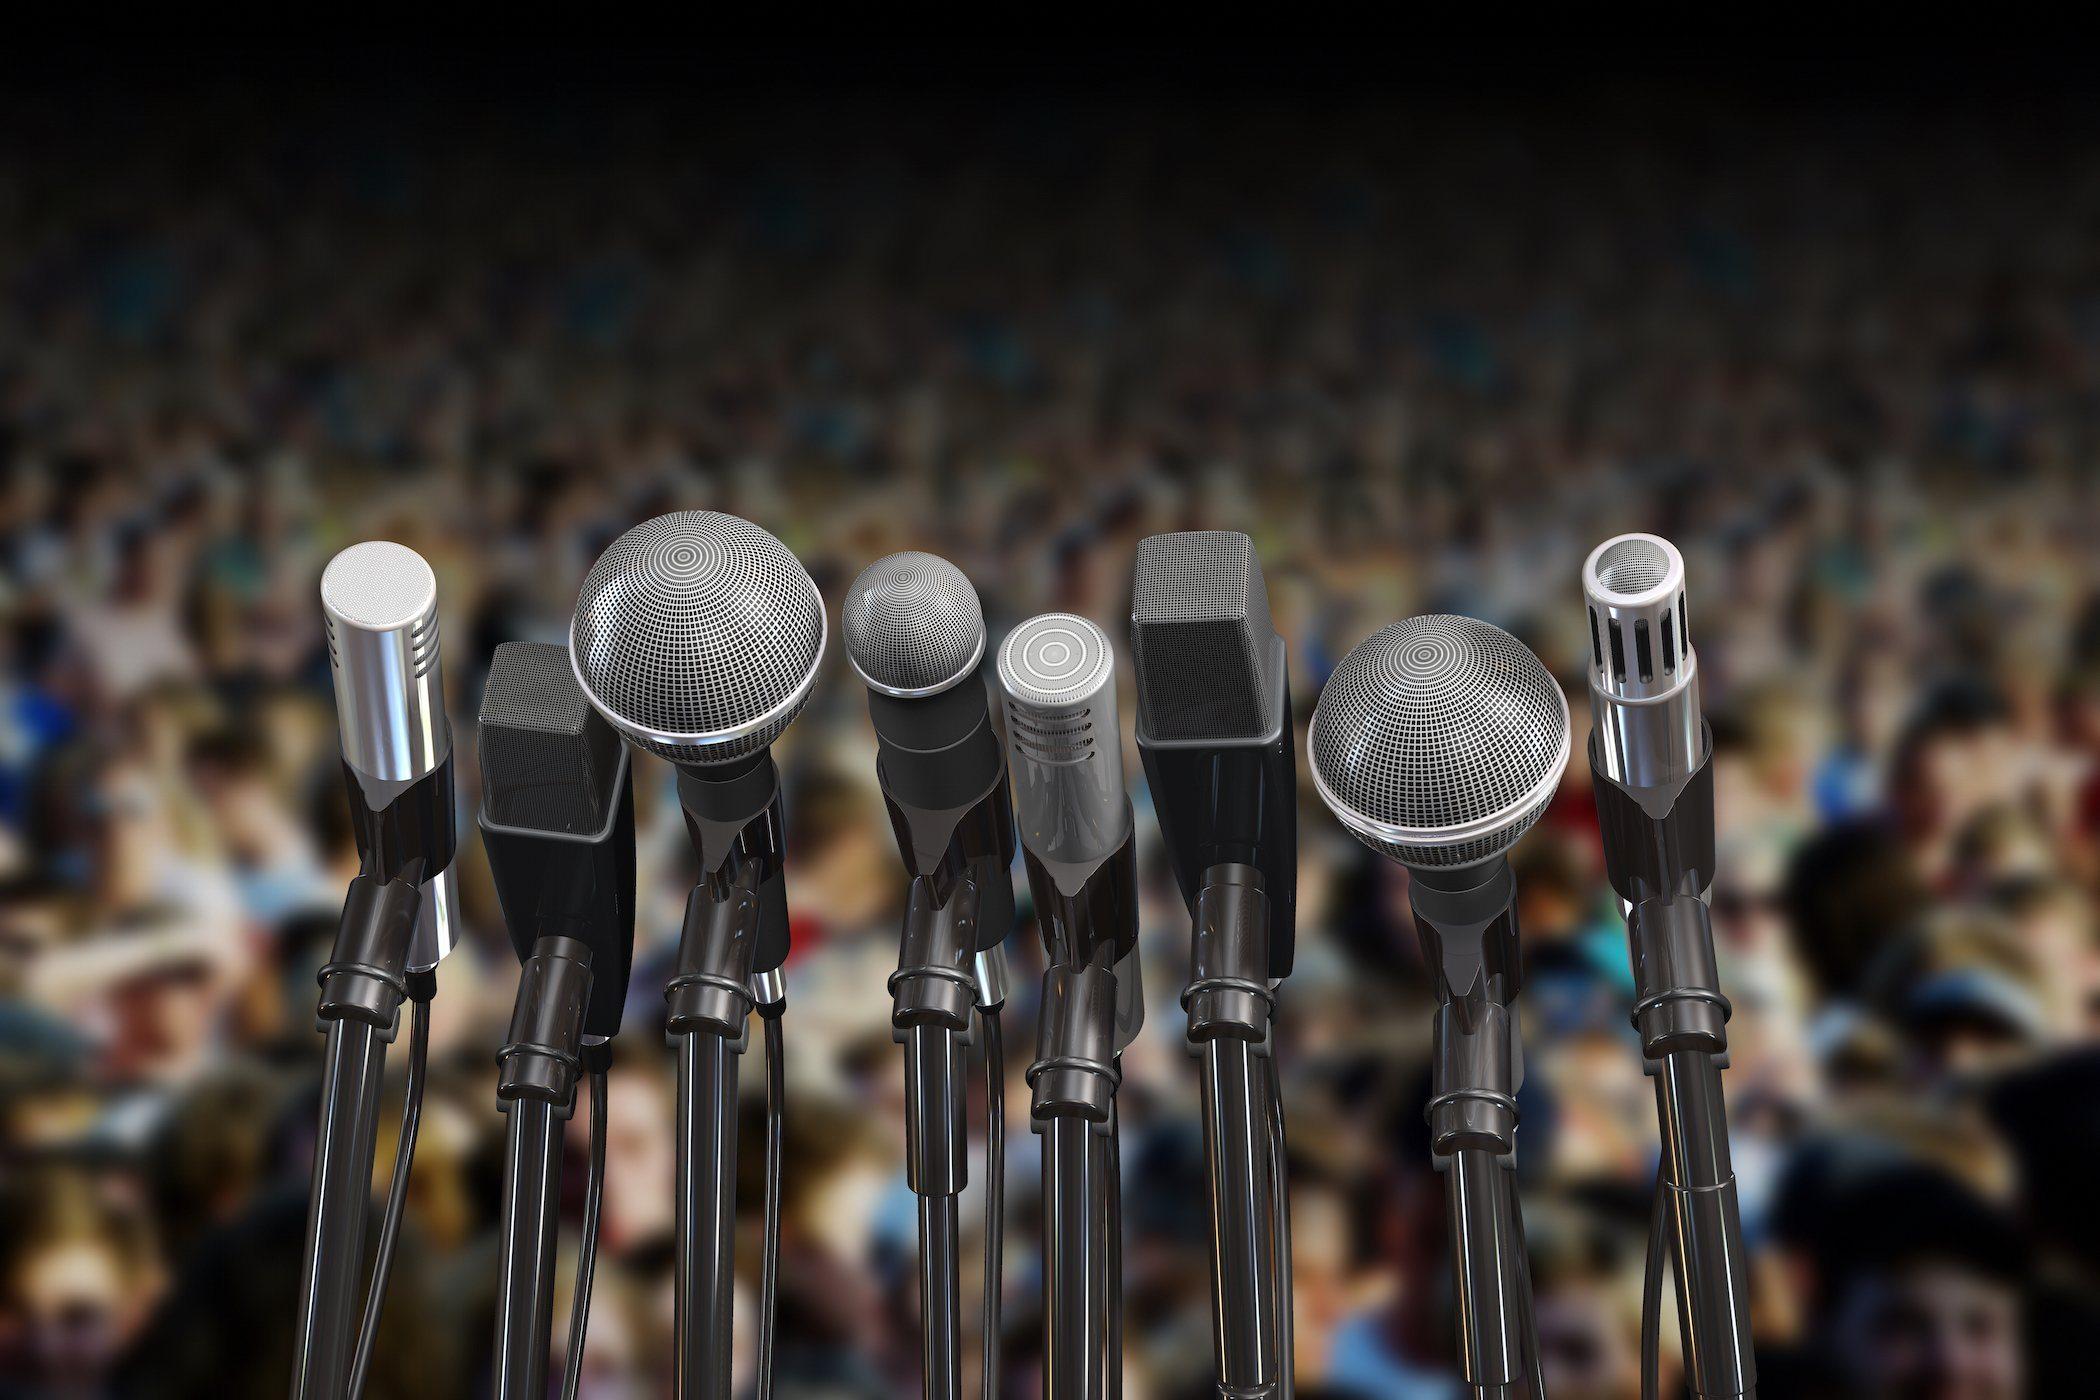 Microphones set up for a speech